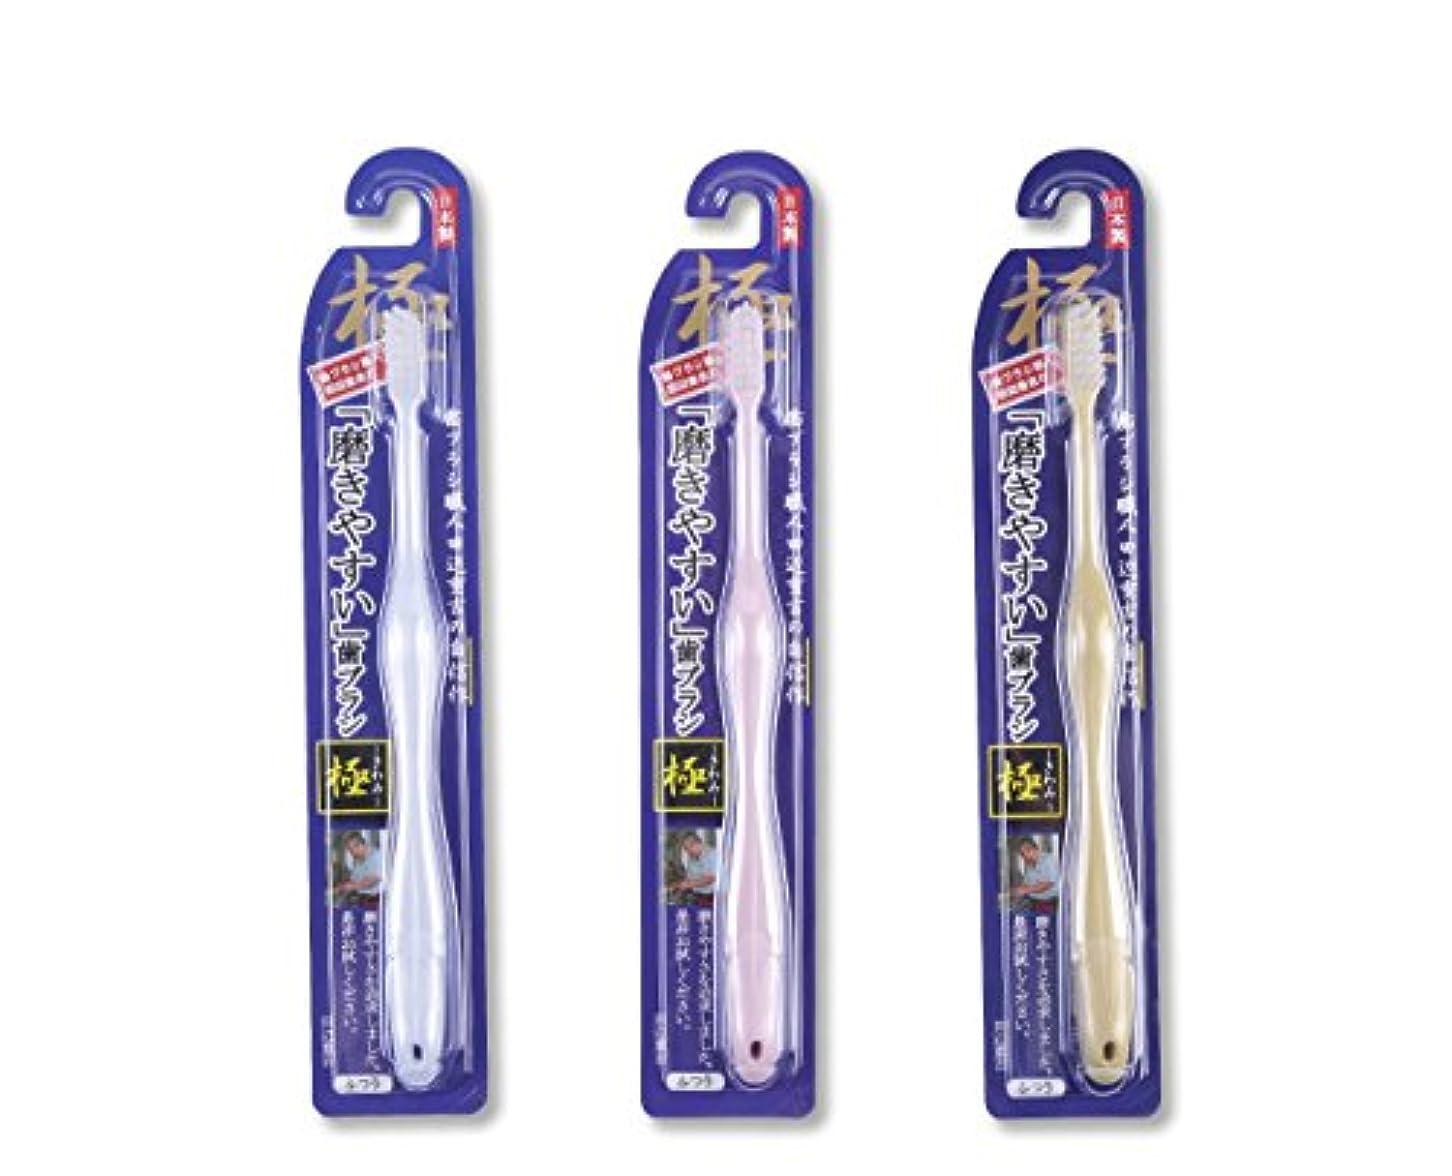 友情バッフル豆歯ブラシ職人Artooth ® 田辺重吉の磨きやすい歯ブラシ 極 LT-09 (3本入)